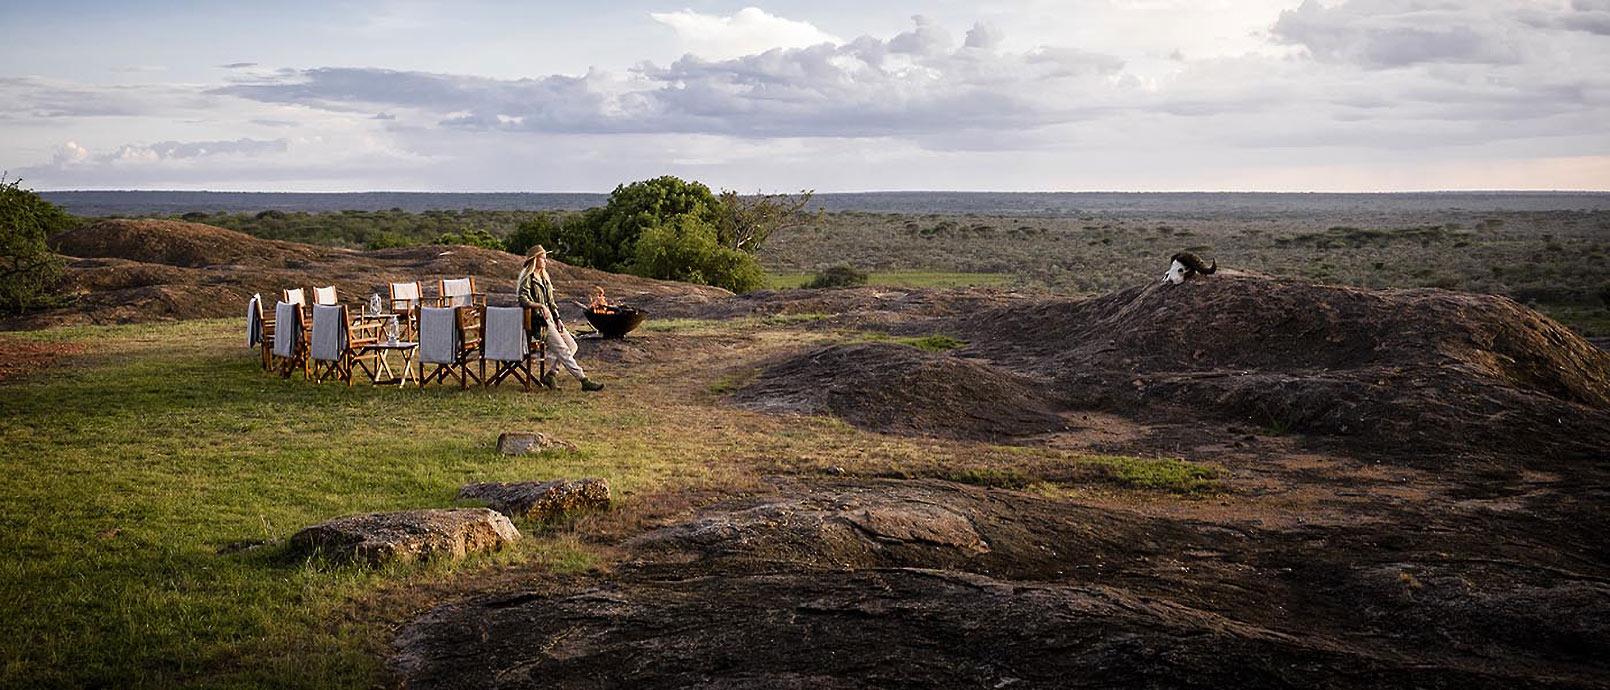 Sanctuary Kichakani Serengeti Camp